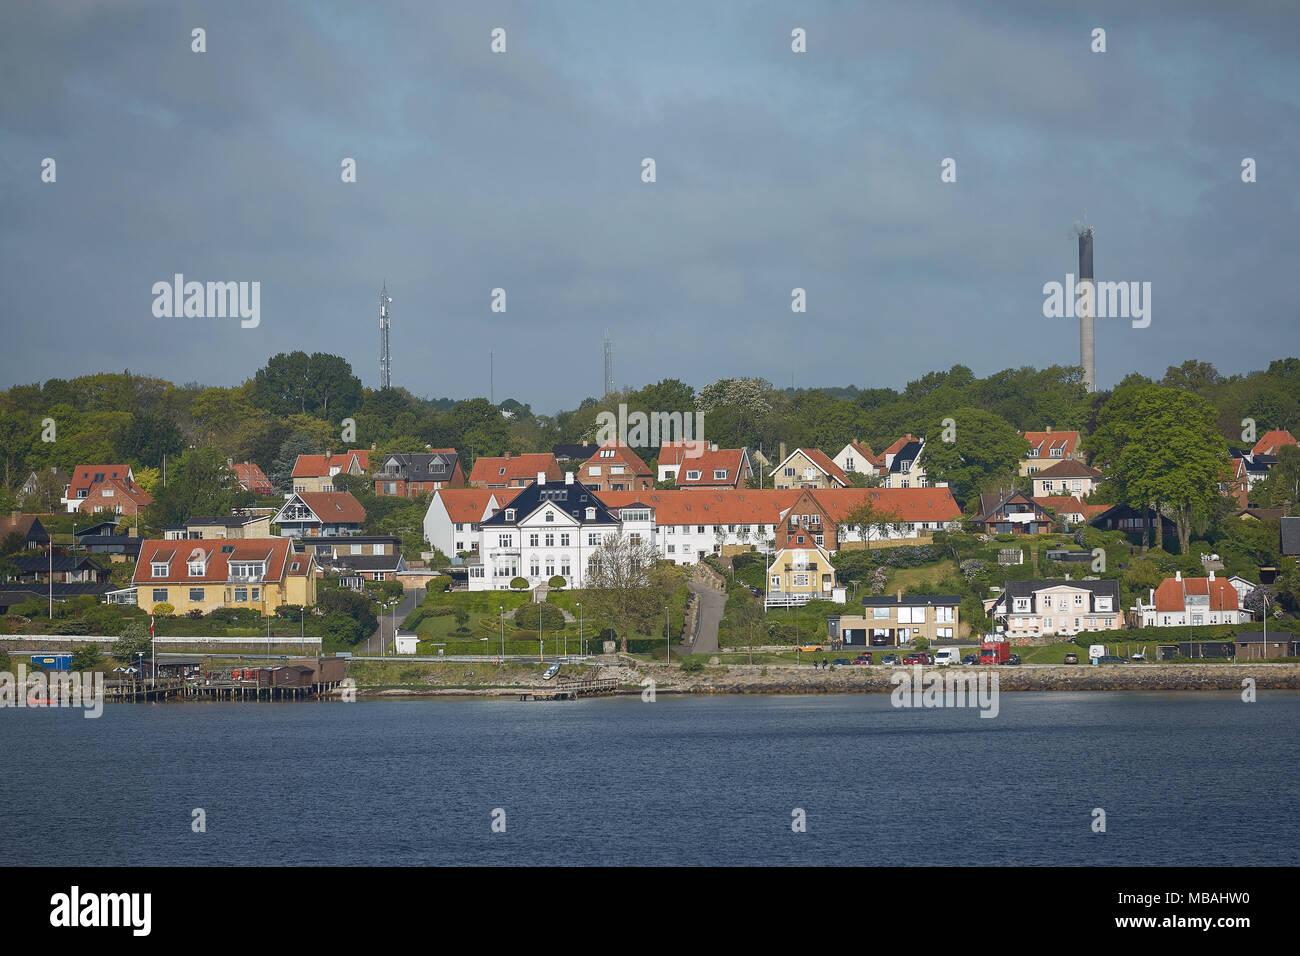 View of Helsingor or Elsinore from Oresund strait in Denmark. - Stock Image